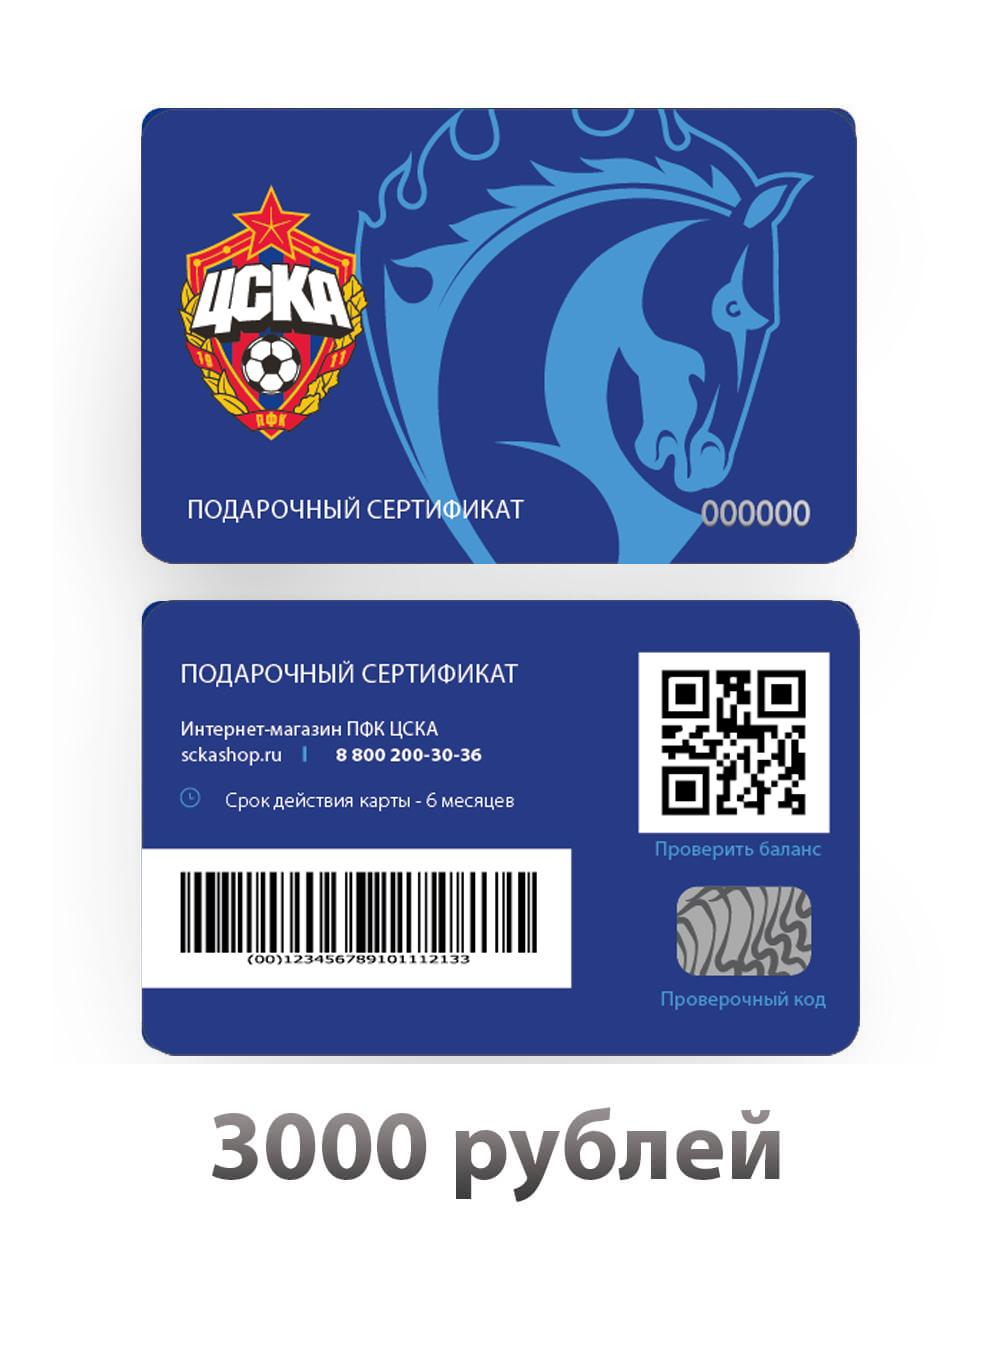 Купить Подарочный сертификат на 3000 рублей (Подарочная карта на 3000 рублей) по Нижнему Новгороду